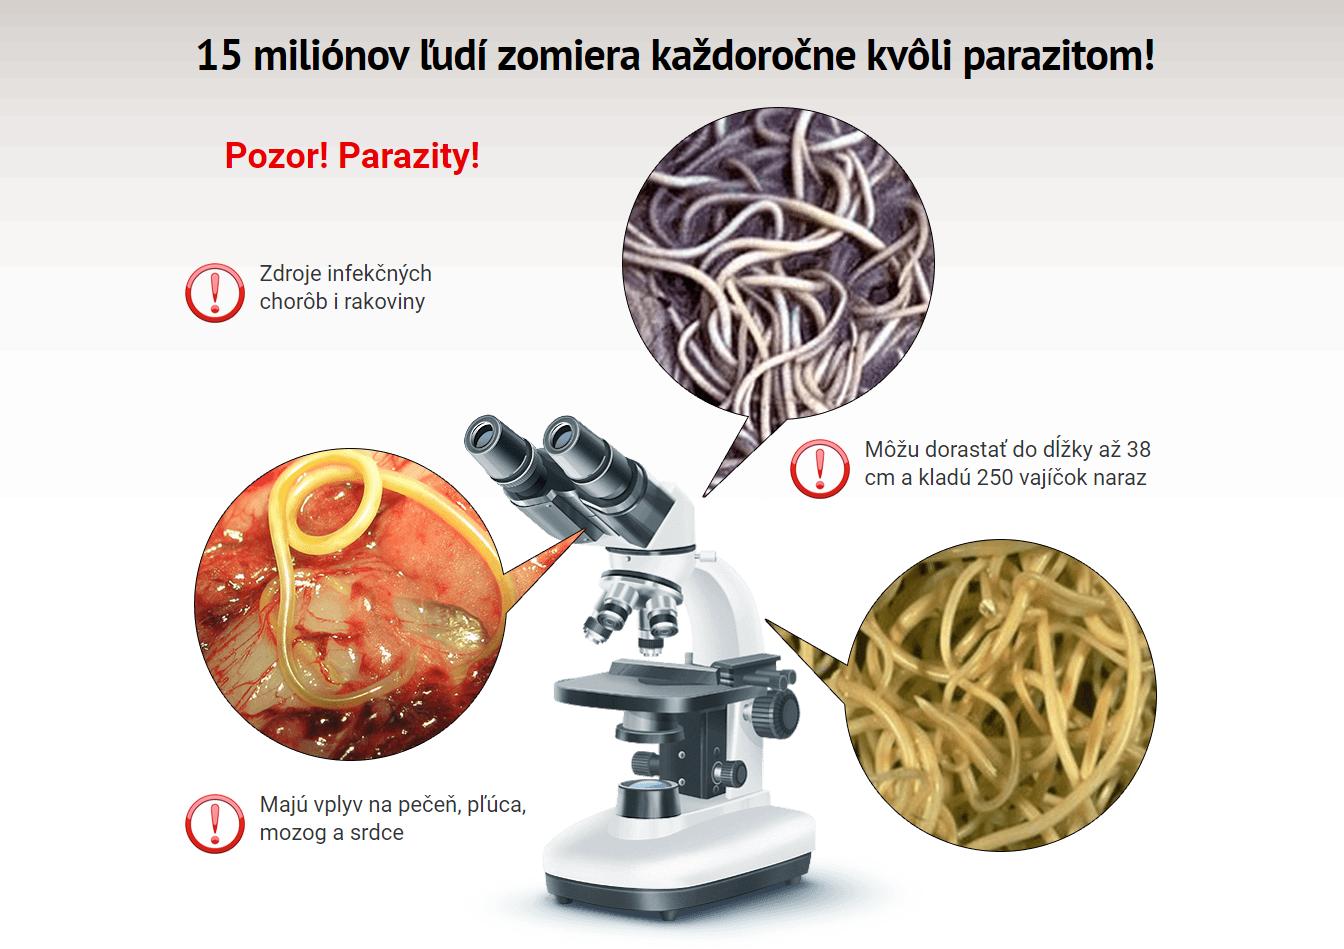 parazity v ludskom tele diagnostika hpv eye treatment